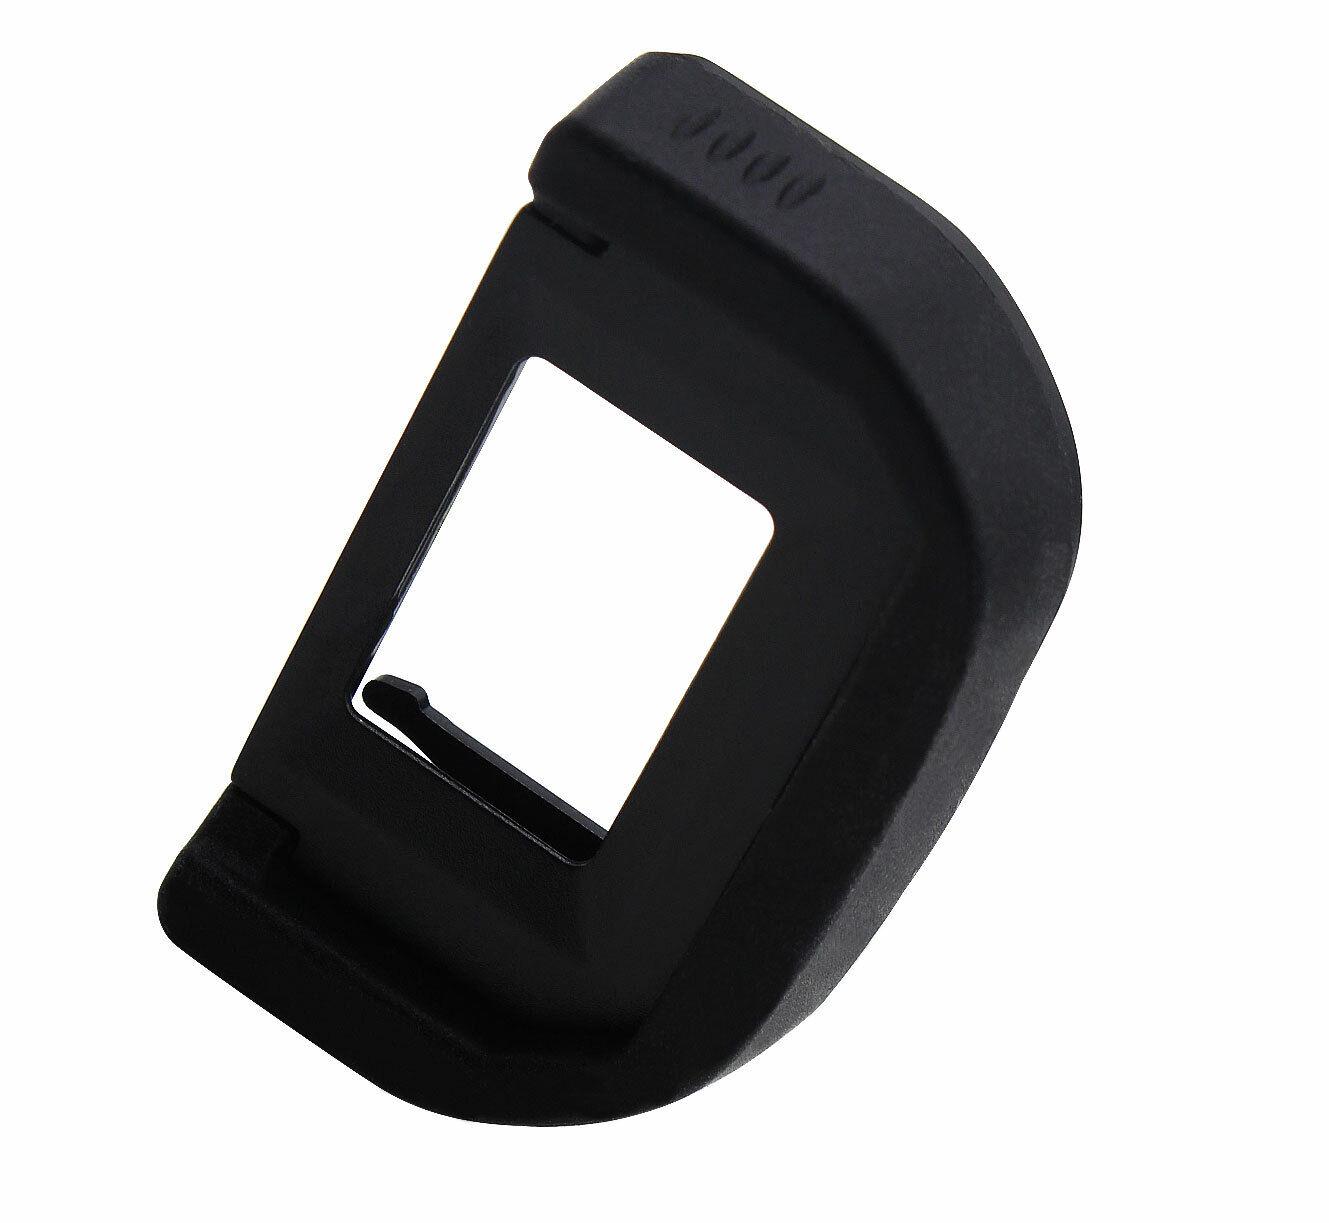 Augenmuschel für CANON EOS 1200D 1300D EF Spiegelreflexkameras neu